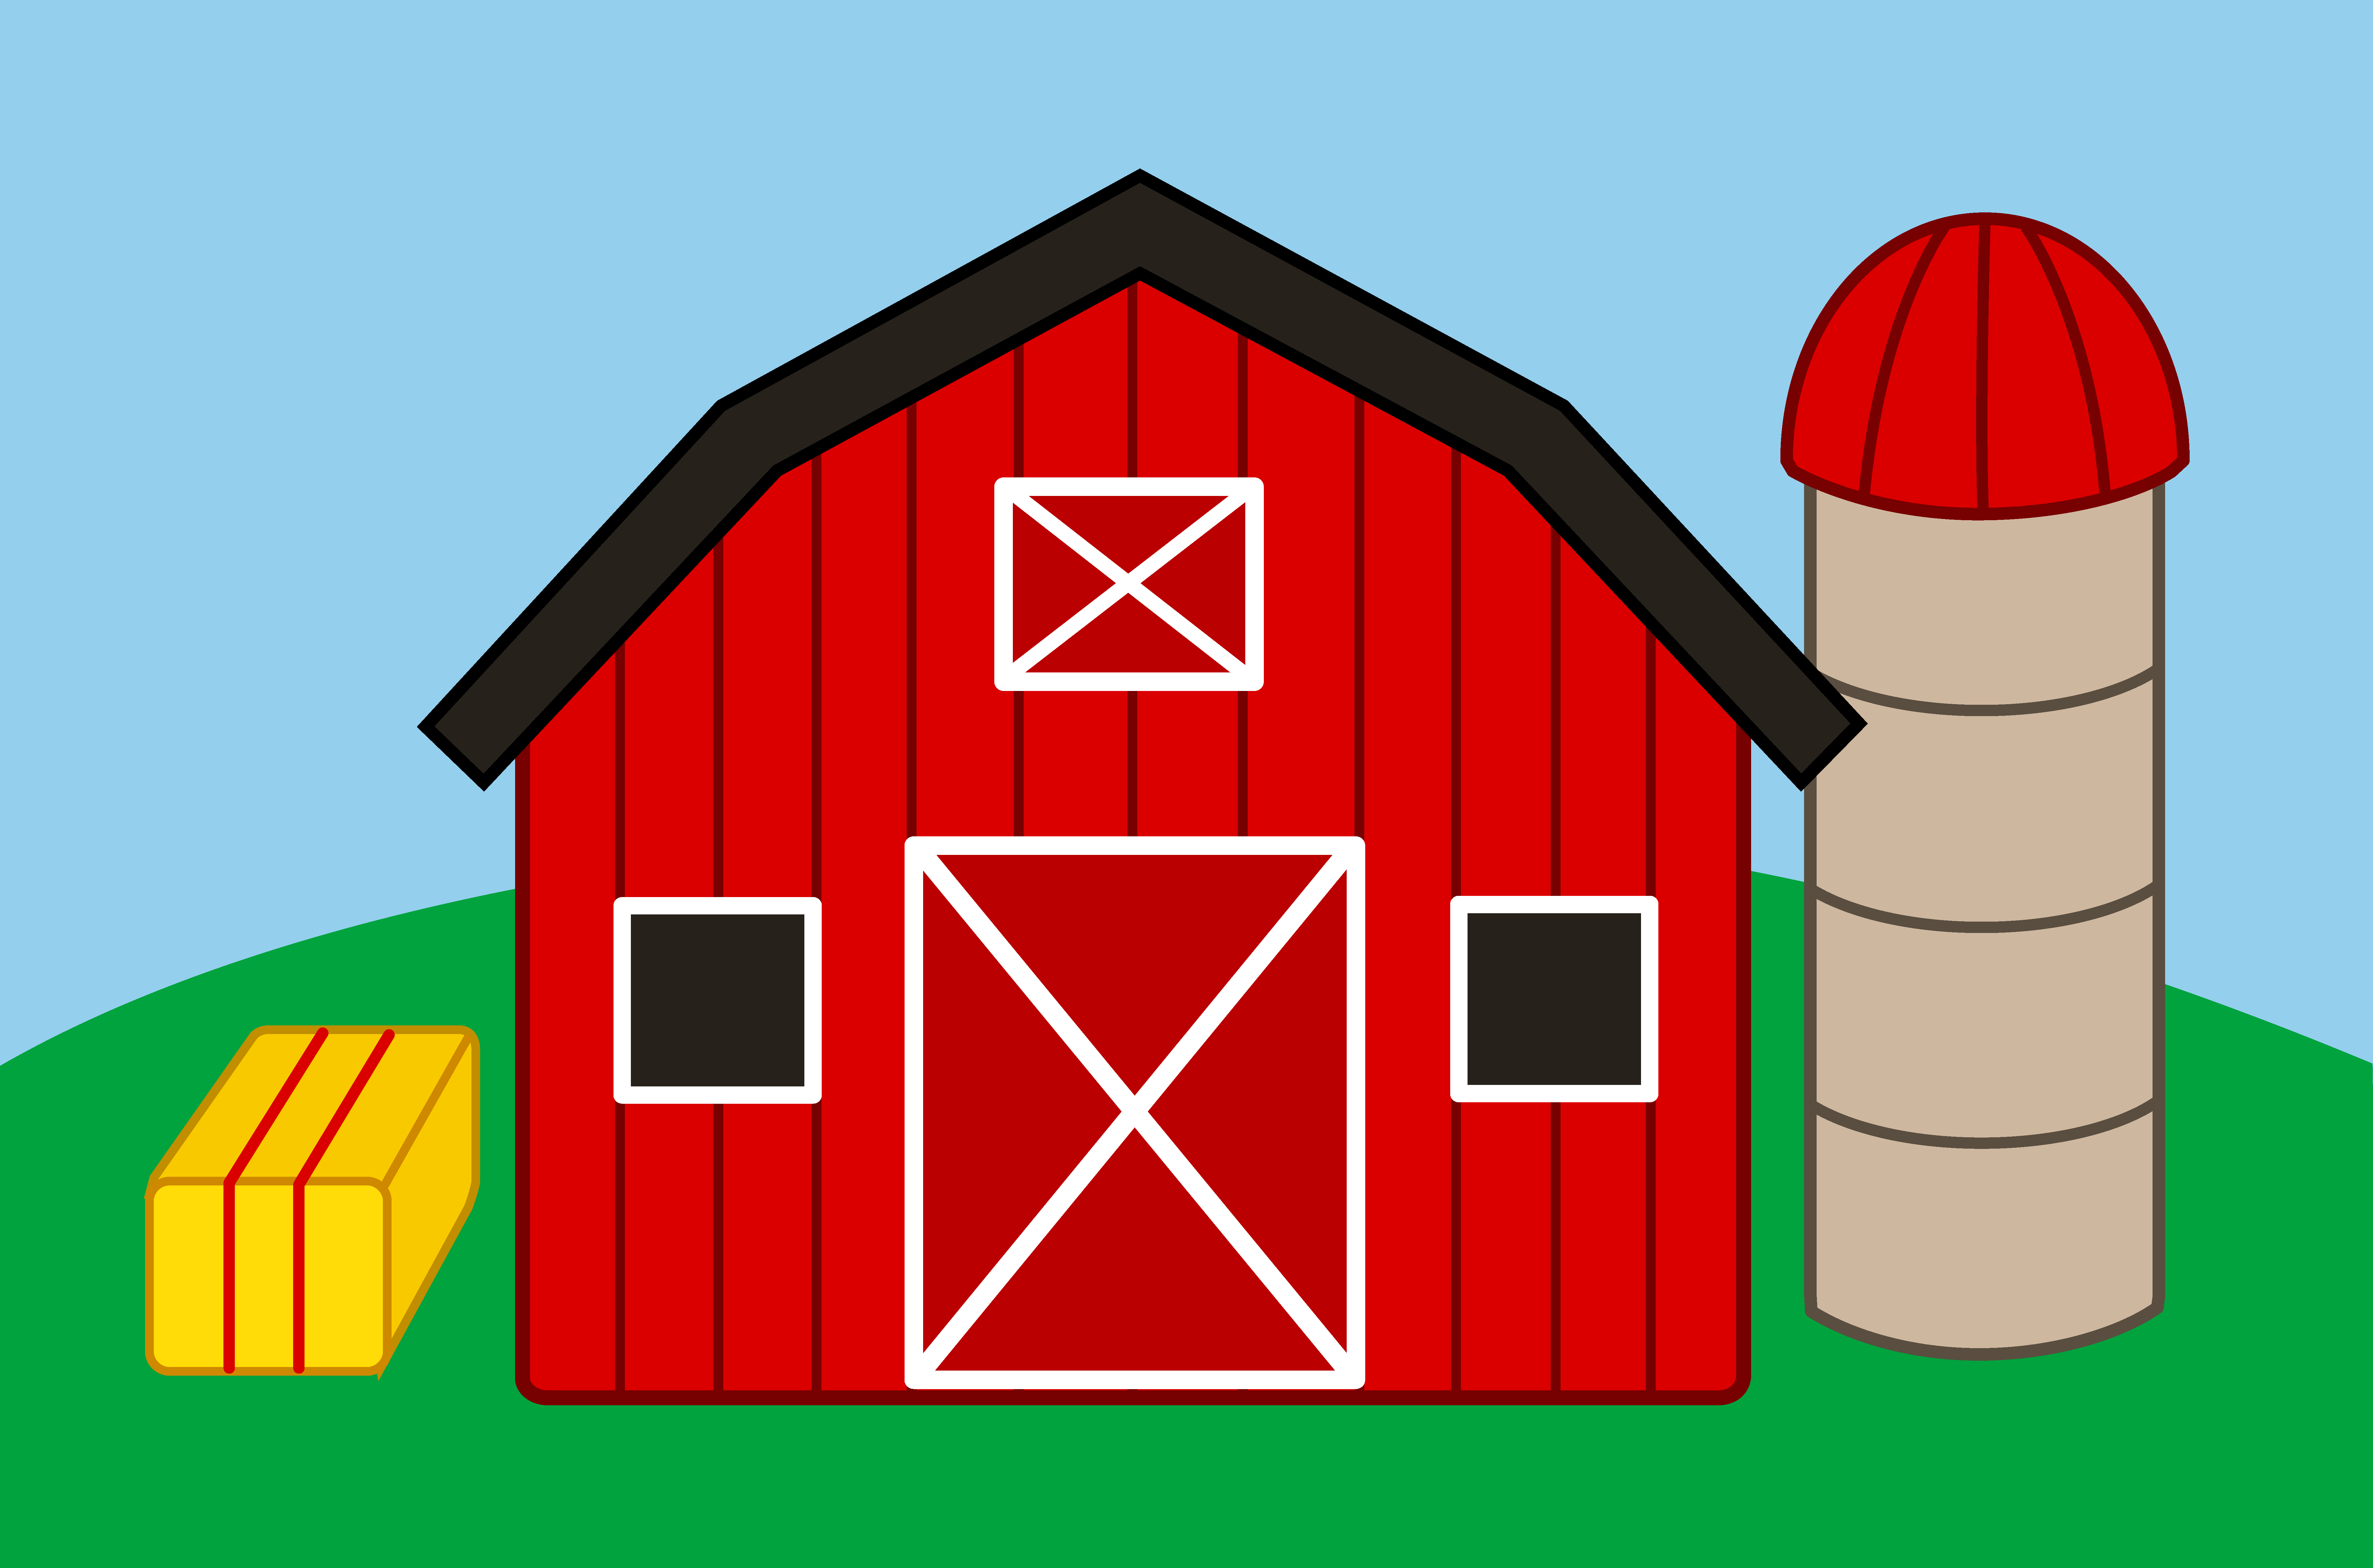 Free Farm Barn Cliparts, Download Free Clip Art, Free Clip.